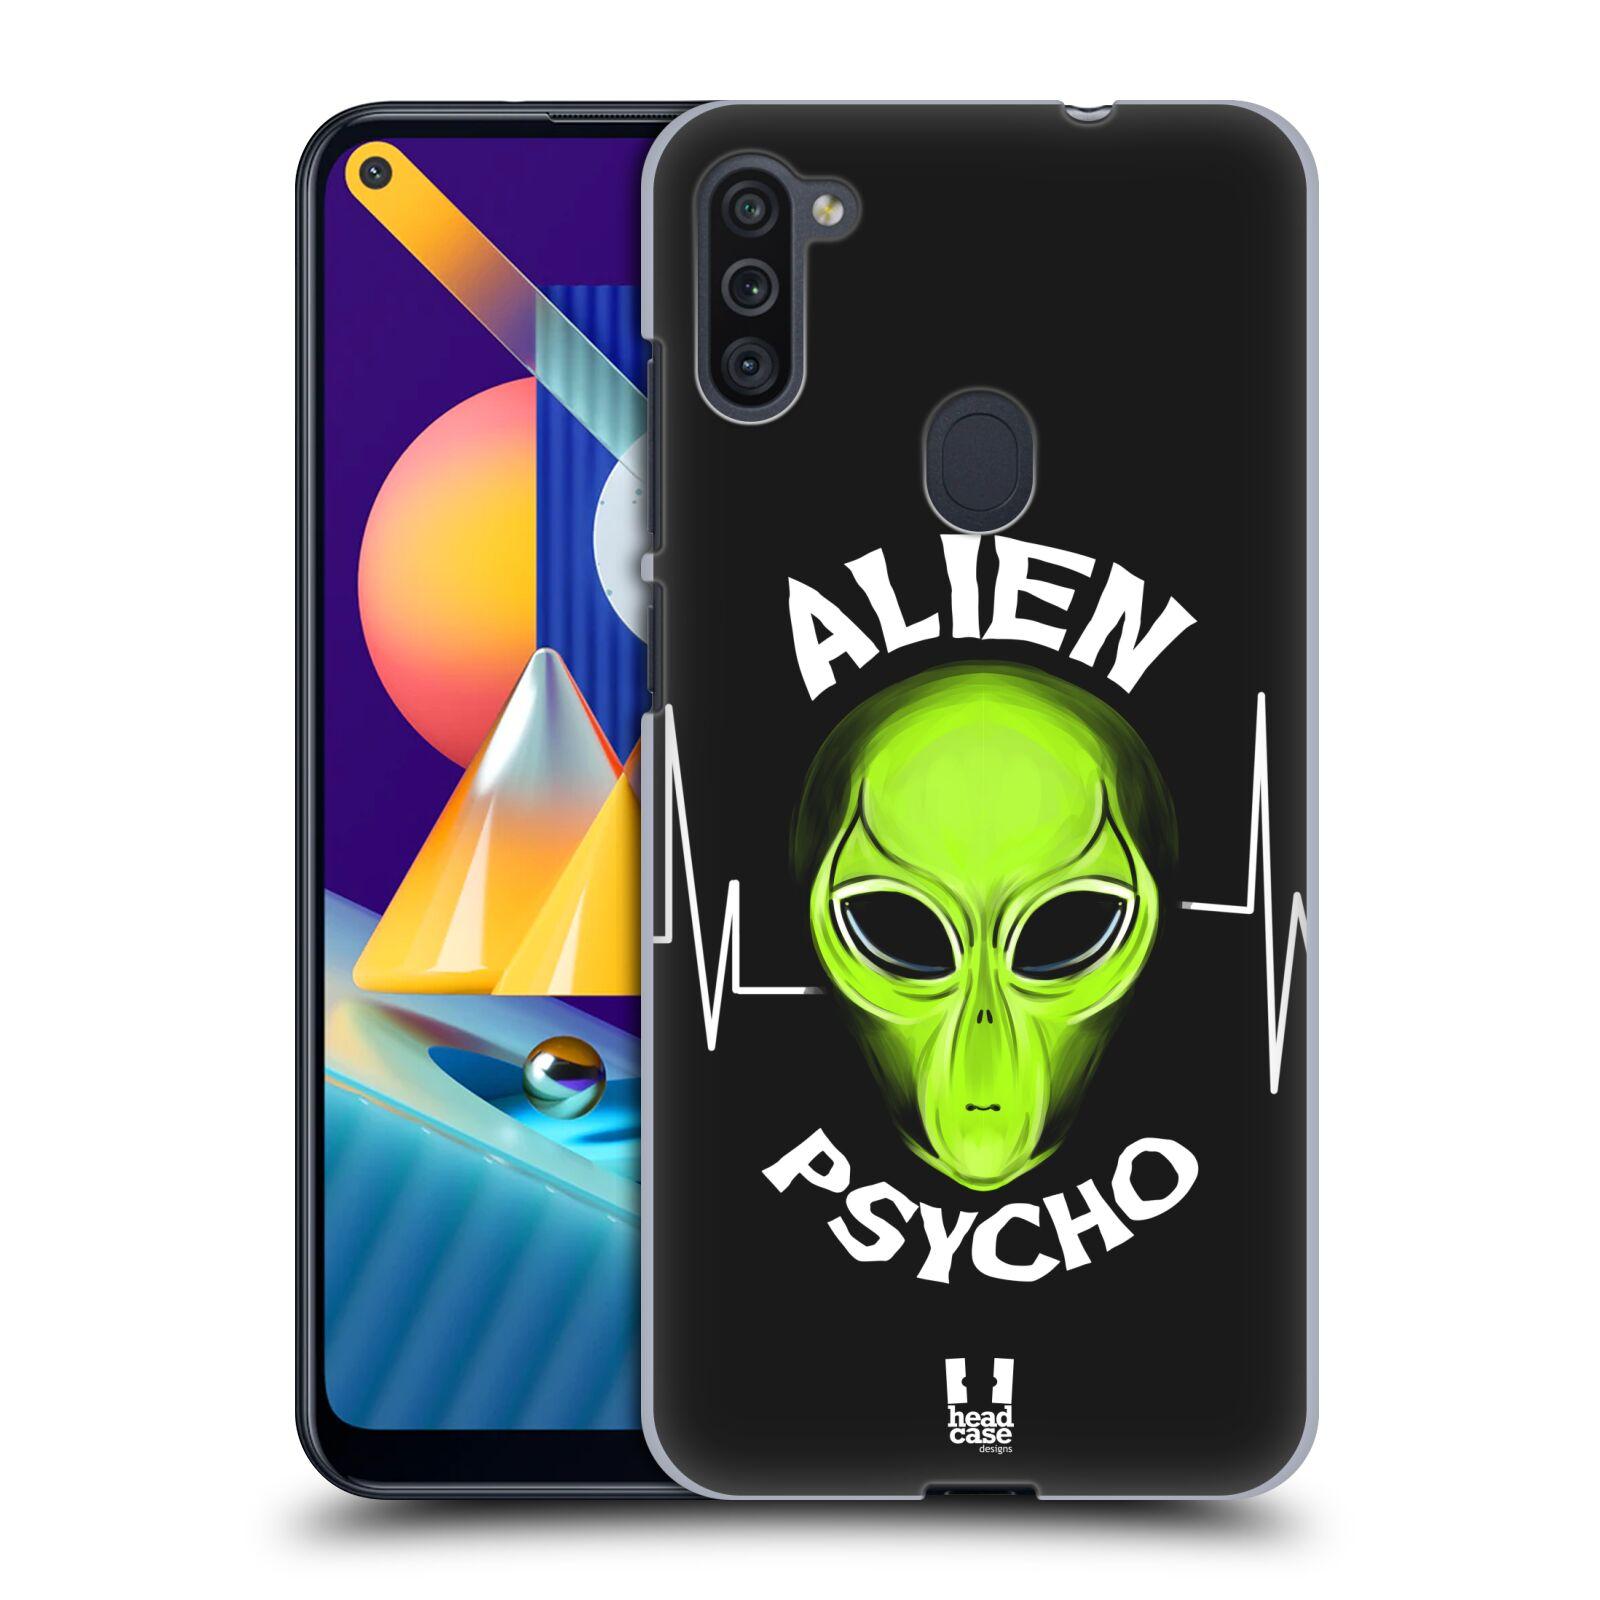 Plastové pouzdro na mobil Samsung Galaxy M11 - Head Case - ALIENS PSYCHO